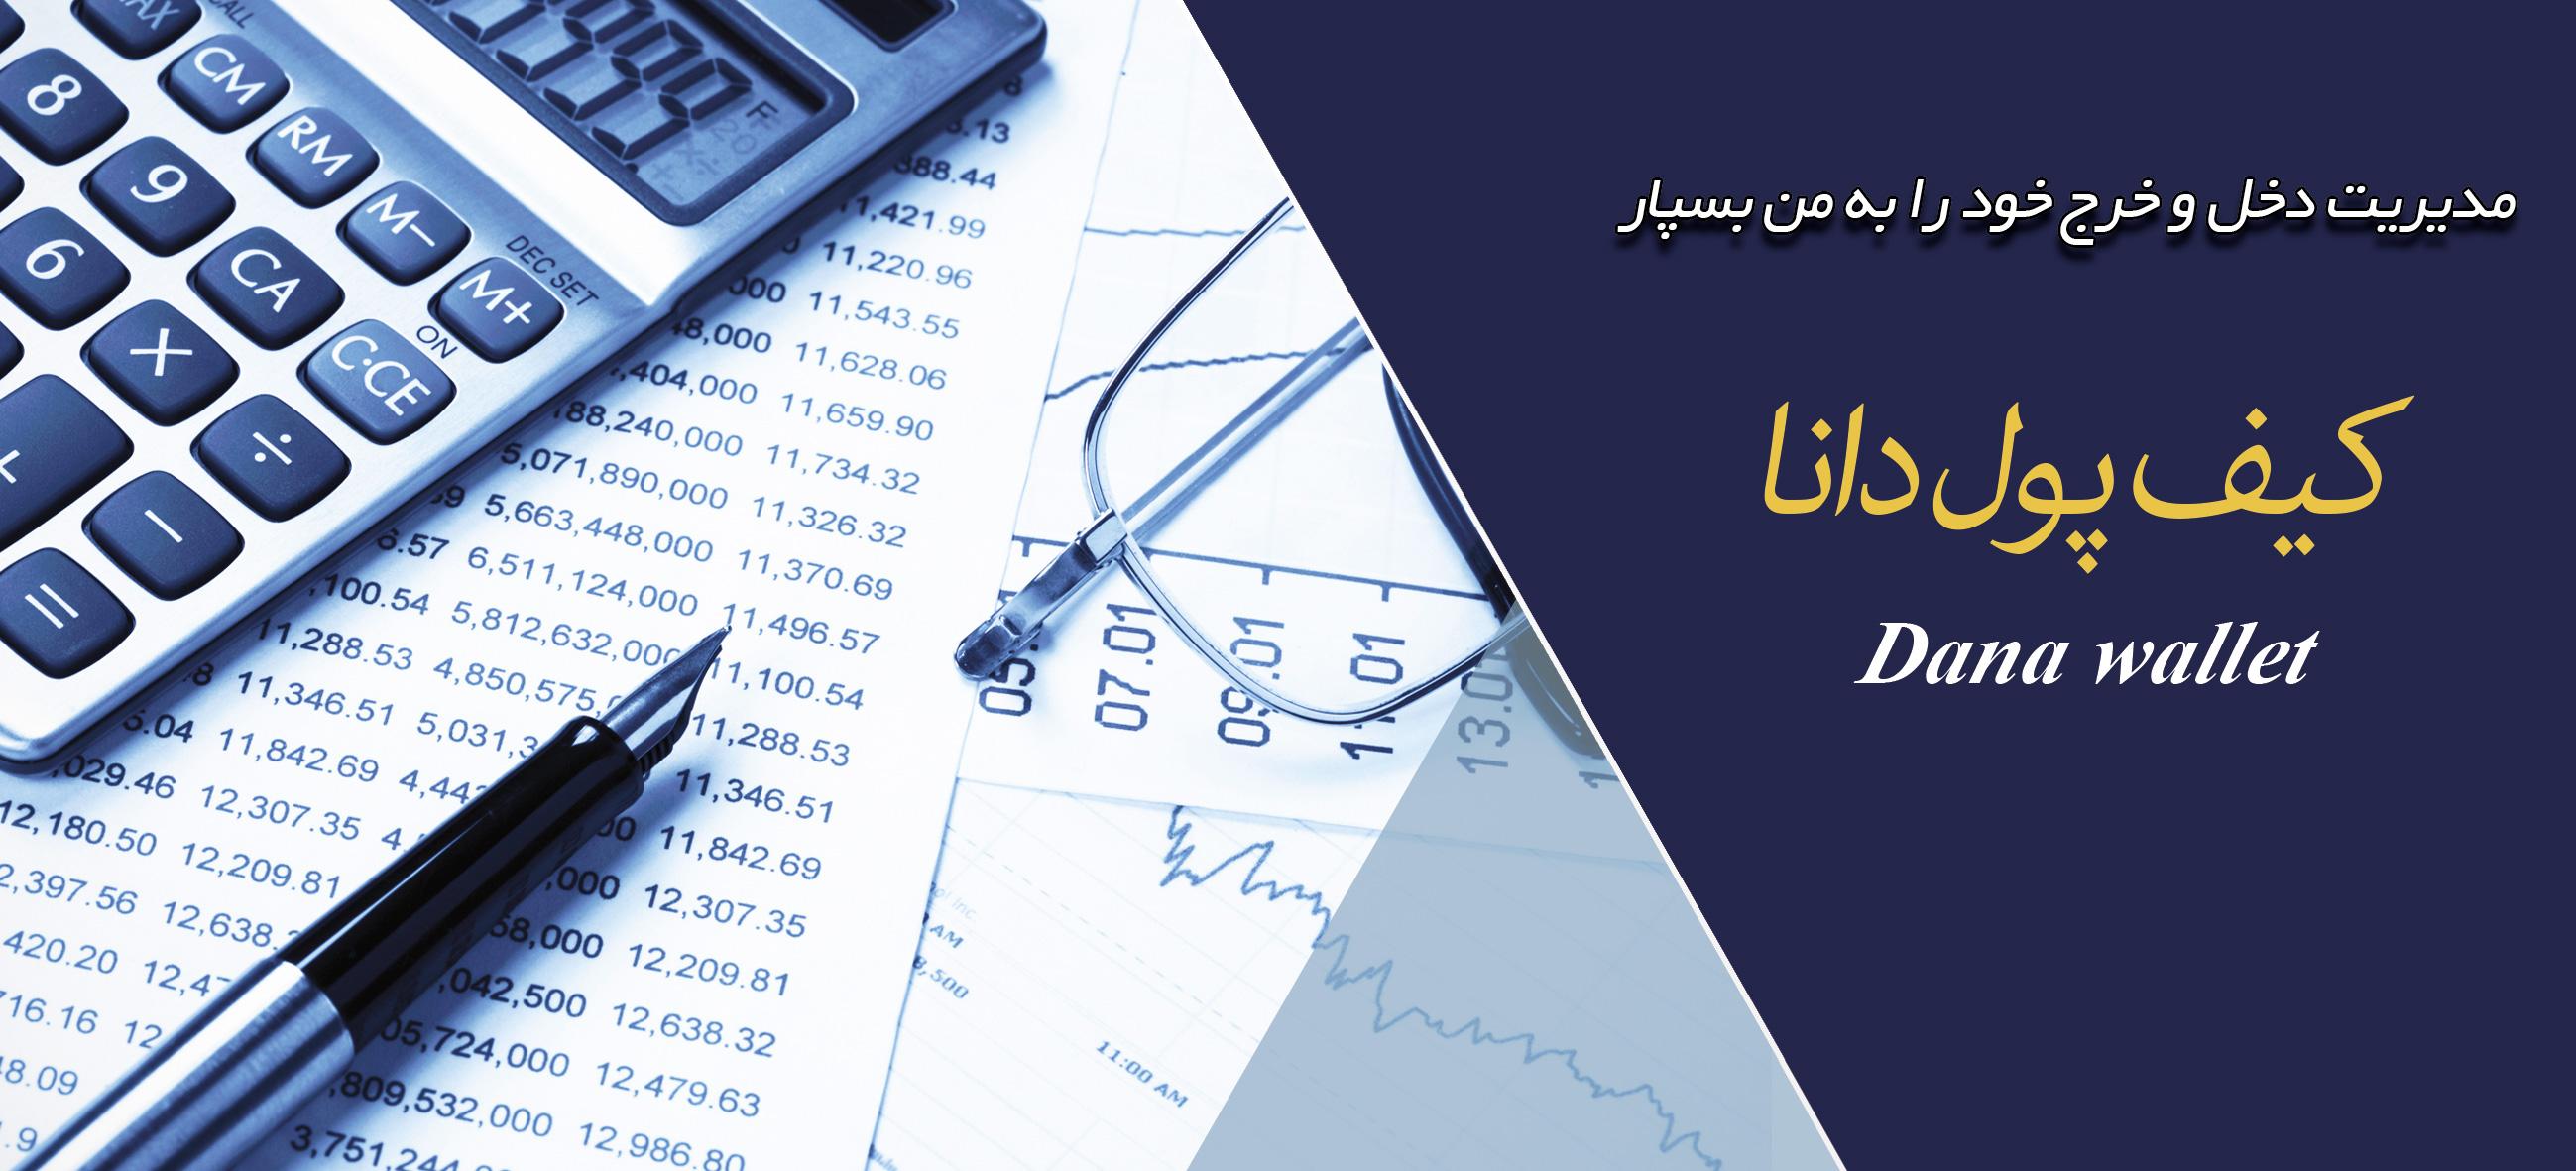 دانلود و آموزش نرم افزار حسابداری کیف پول دانا